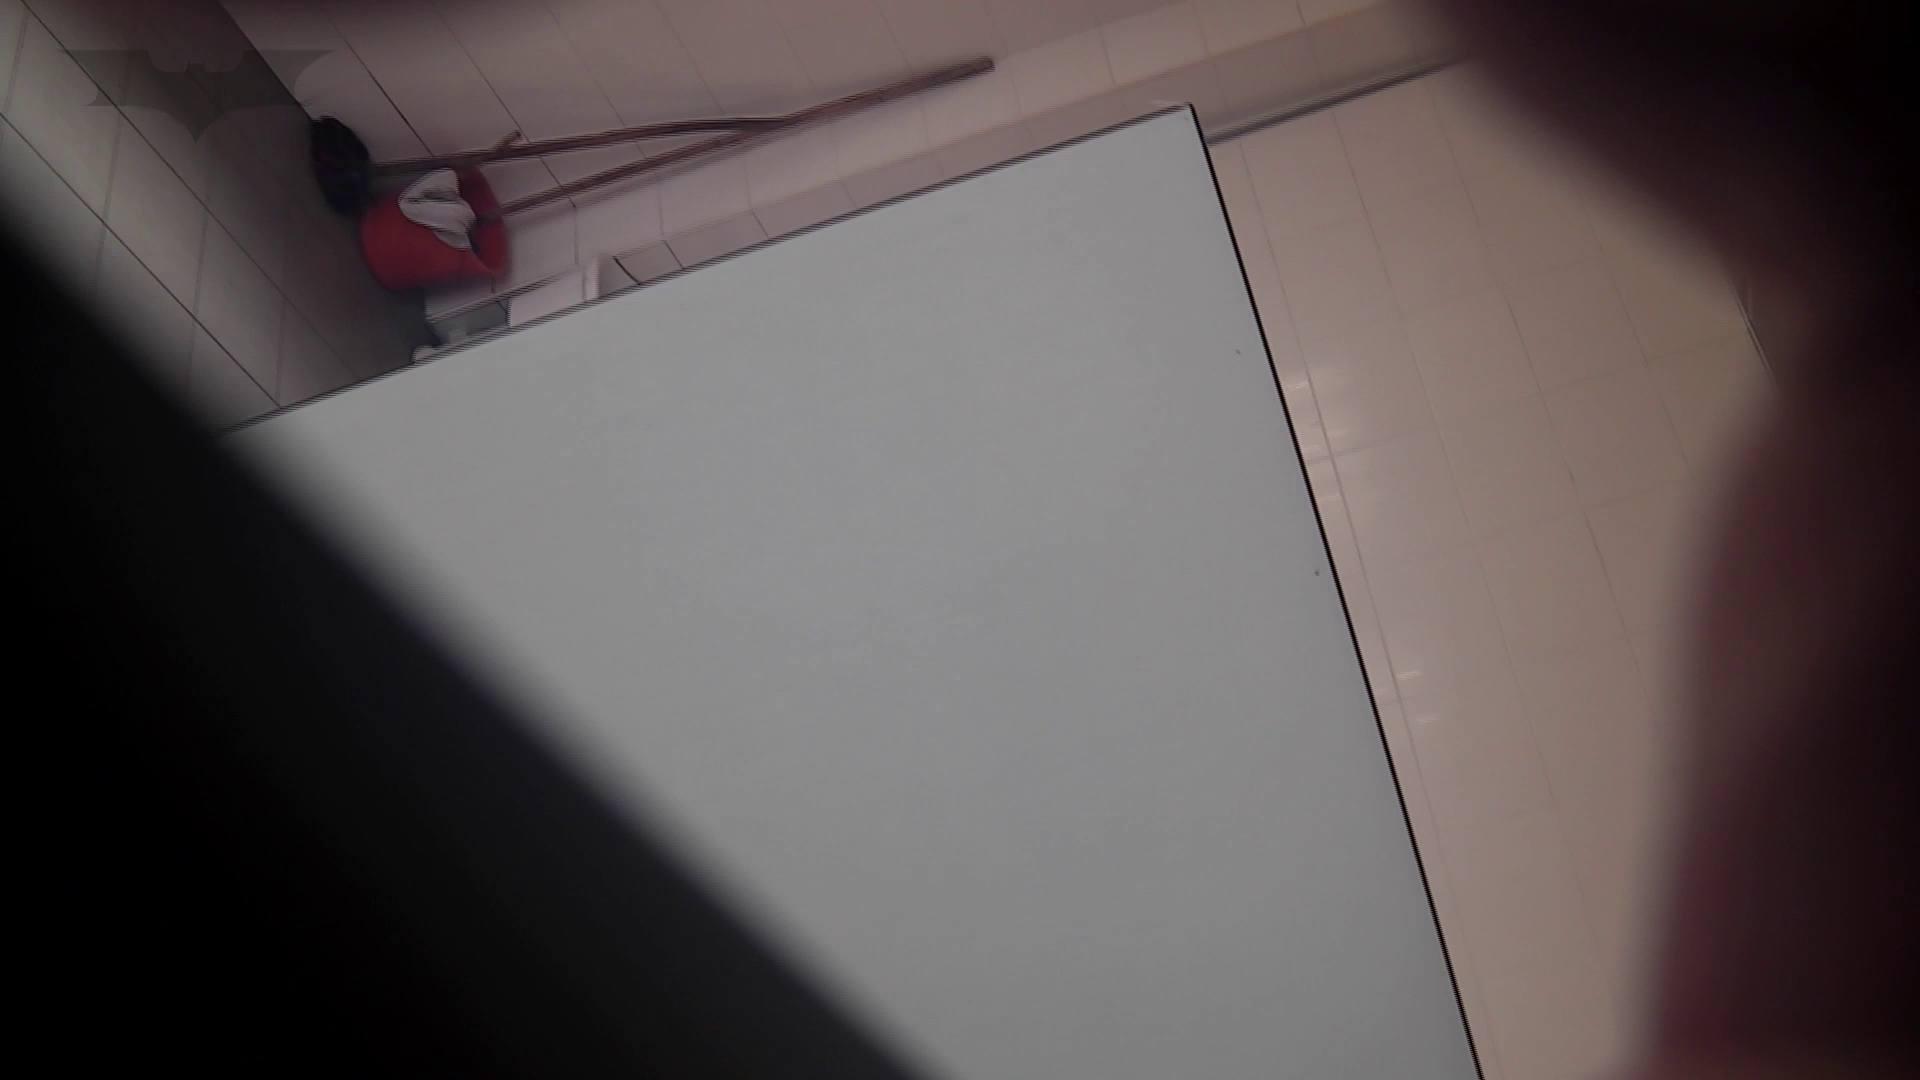 潜入!!台湾名門女学院 Vol.05 15センチ以上の濃厚糸を垂らしながら爽快 潜入 エロ画像 82PIX 27